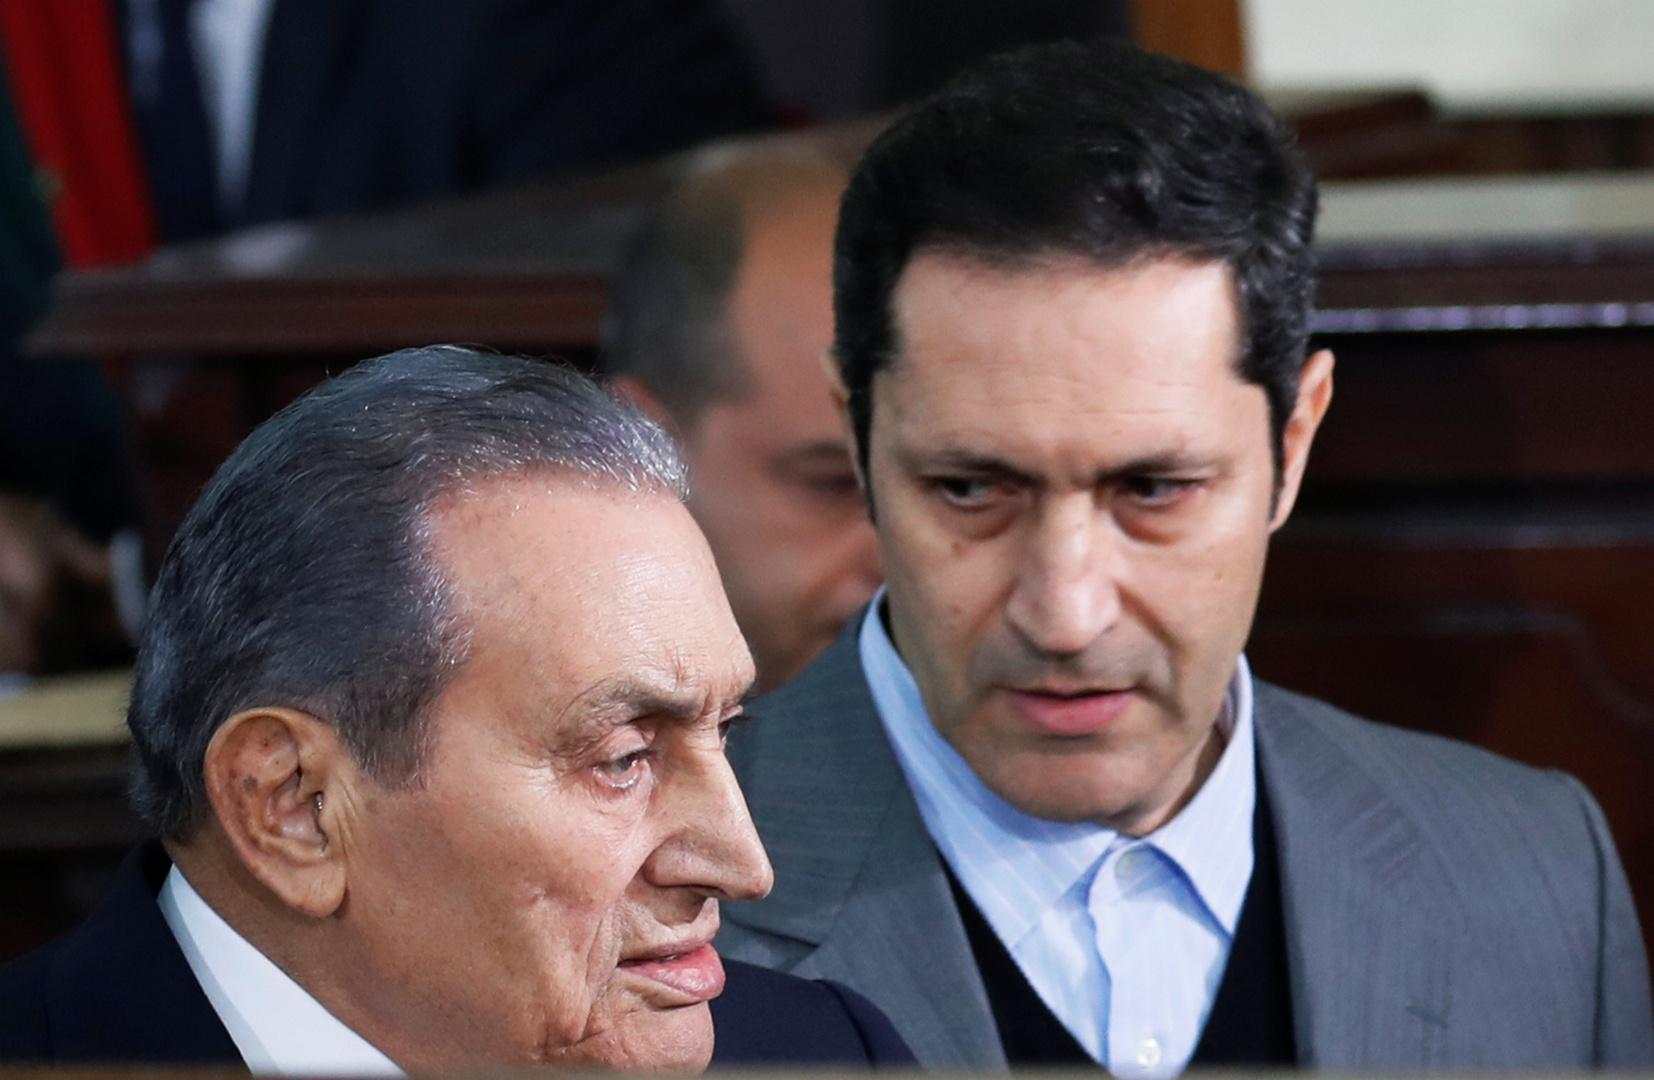 علاء حسني مبارك ينشر قرارا بريطانيا بحق أبيه وأفراد عائلته